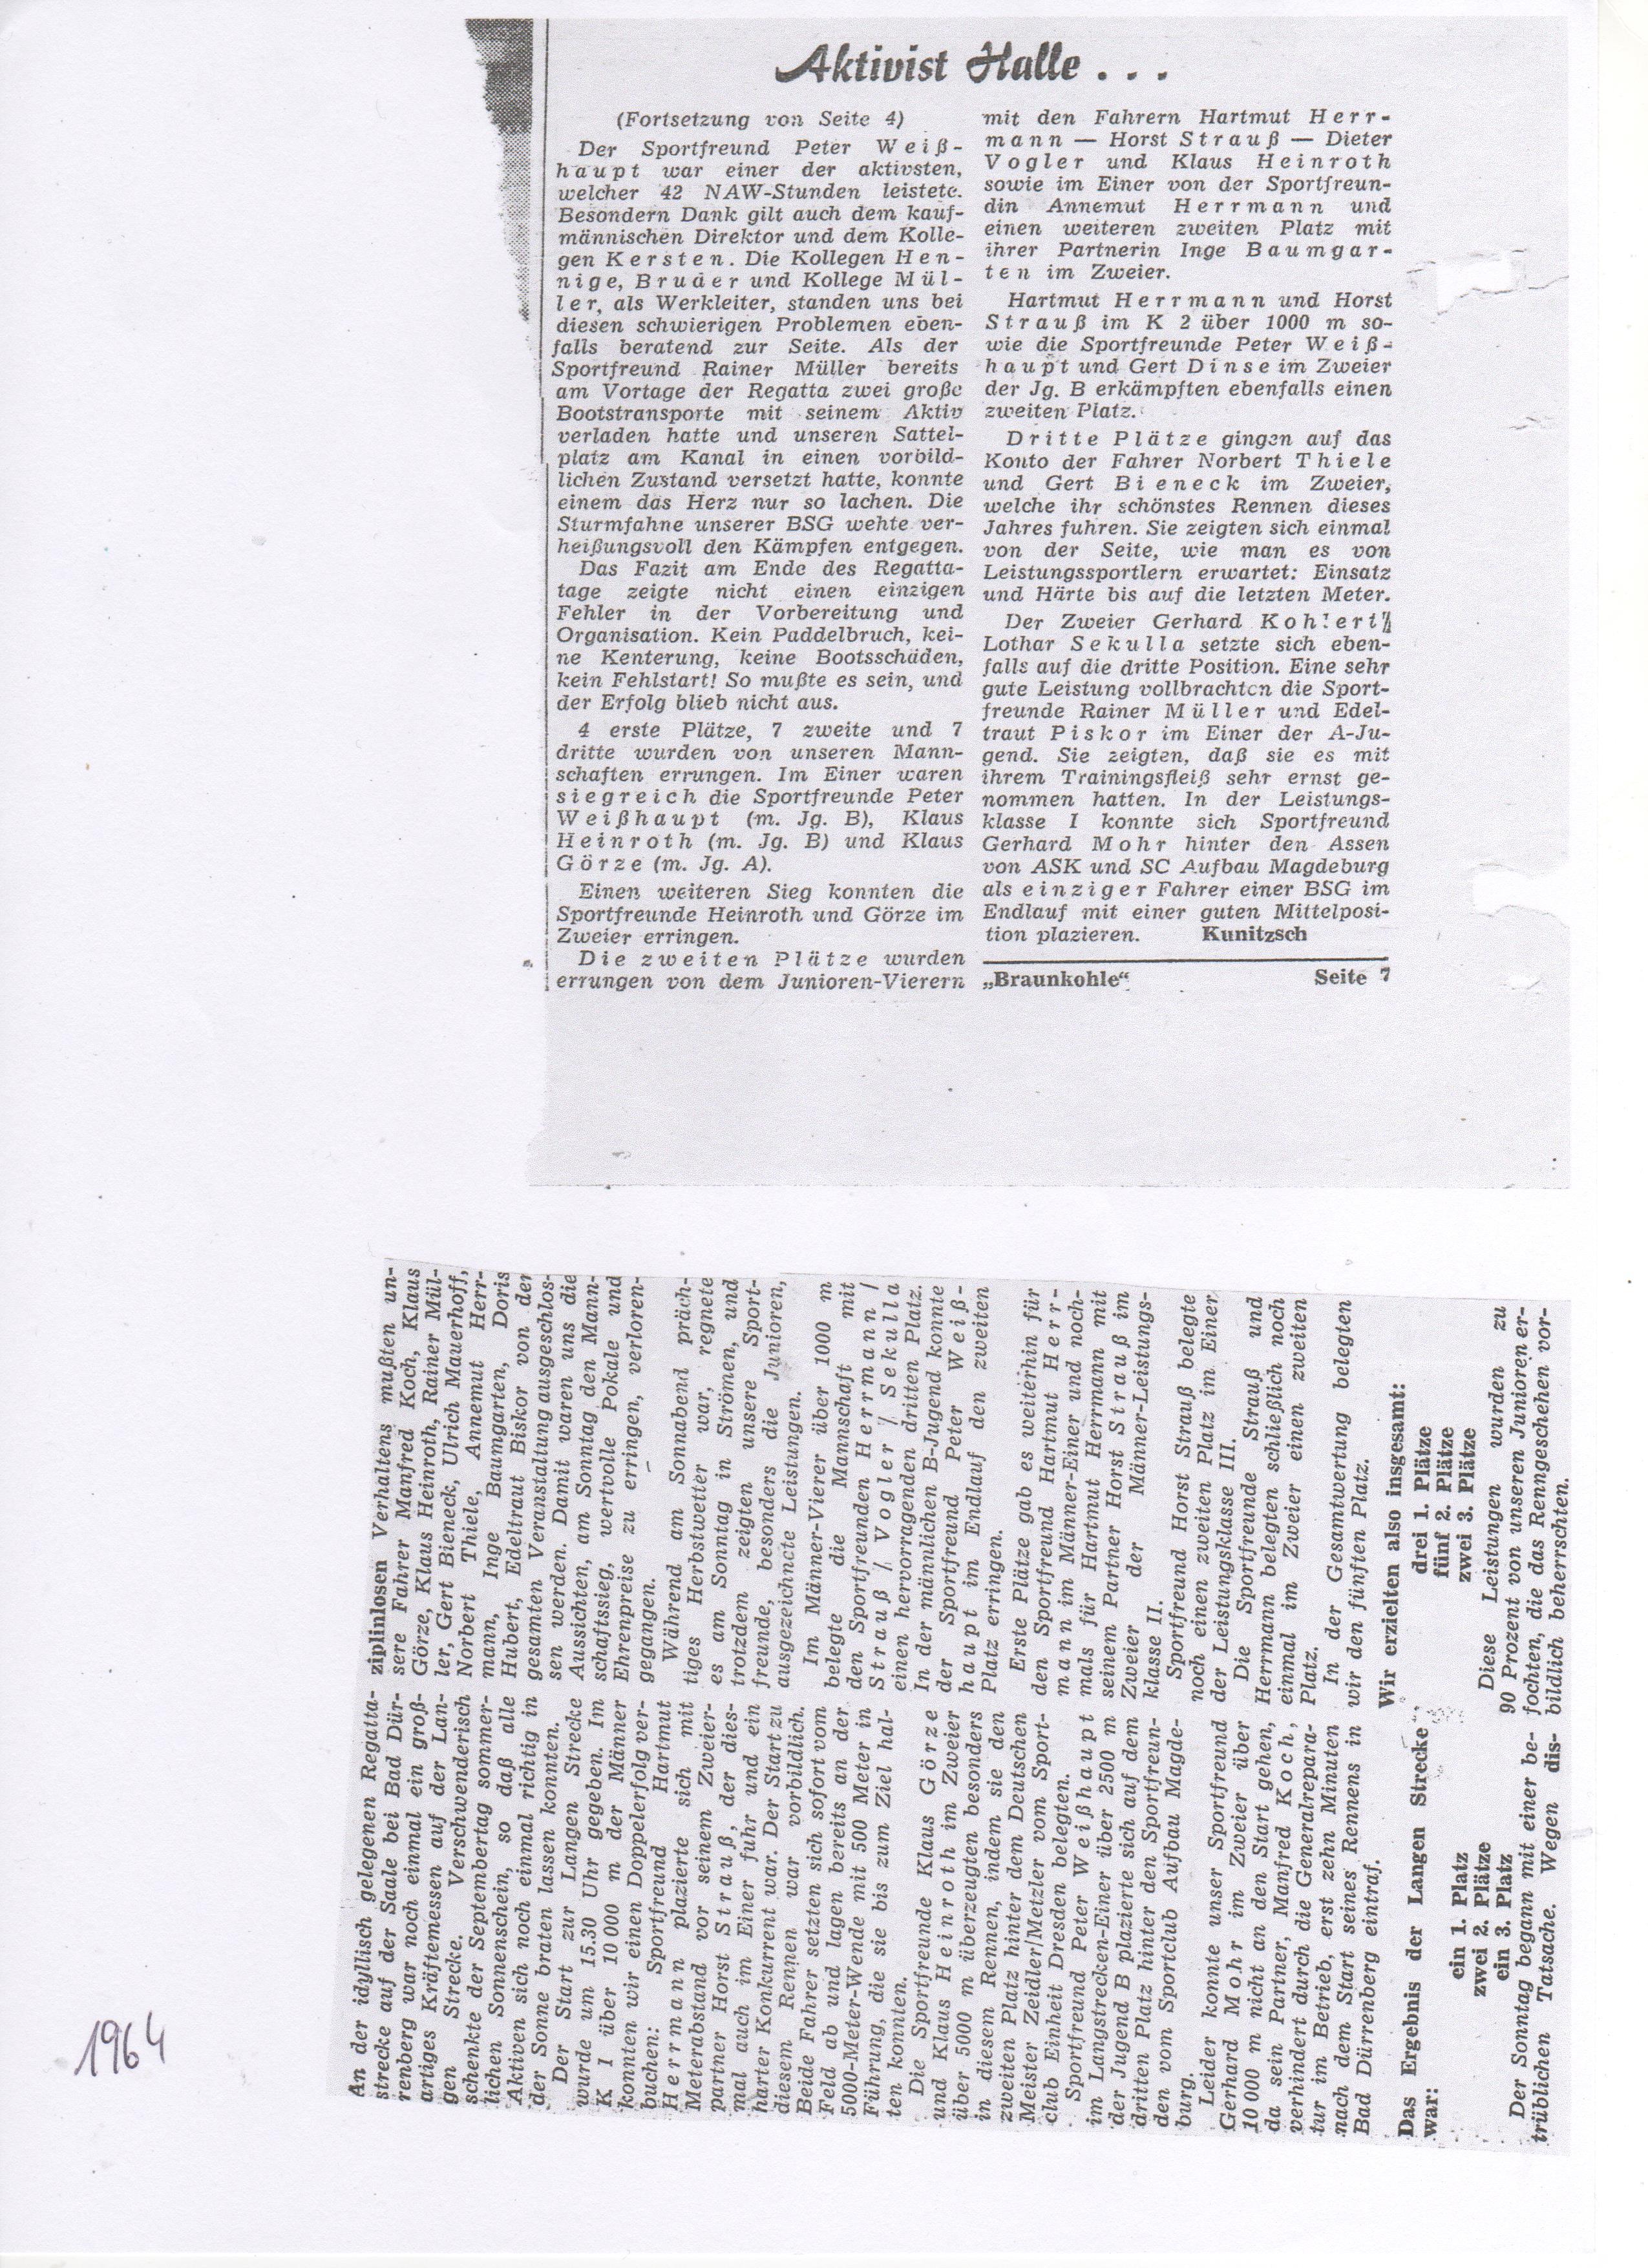 1964- Aktivist Halle